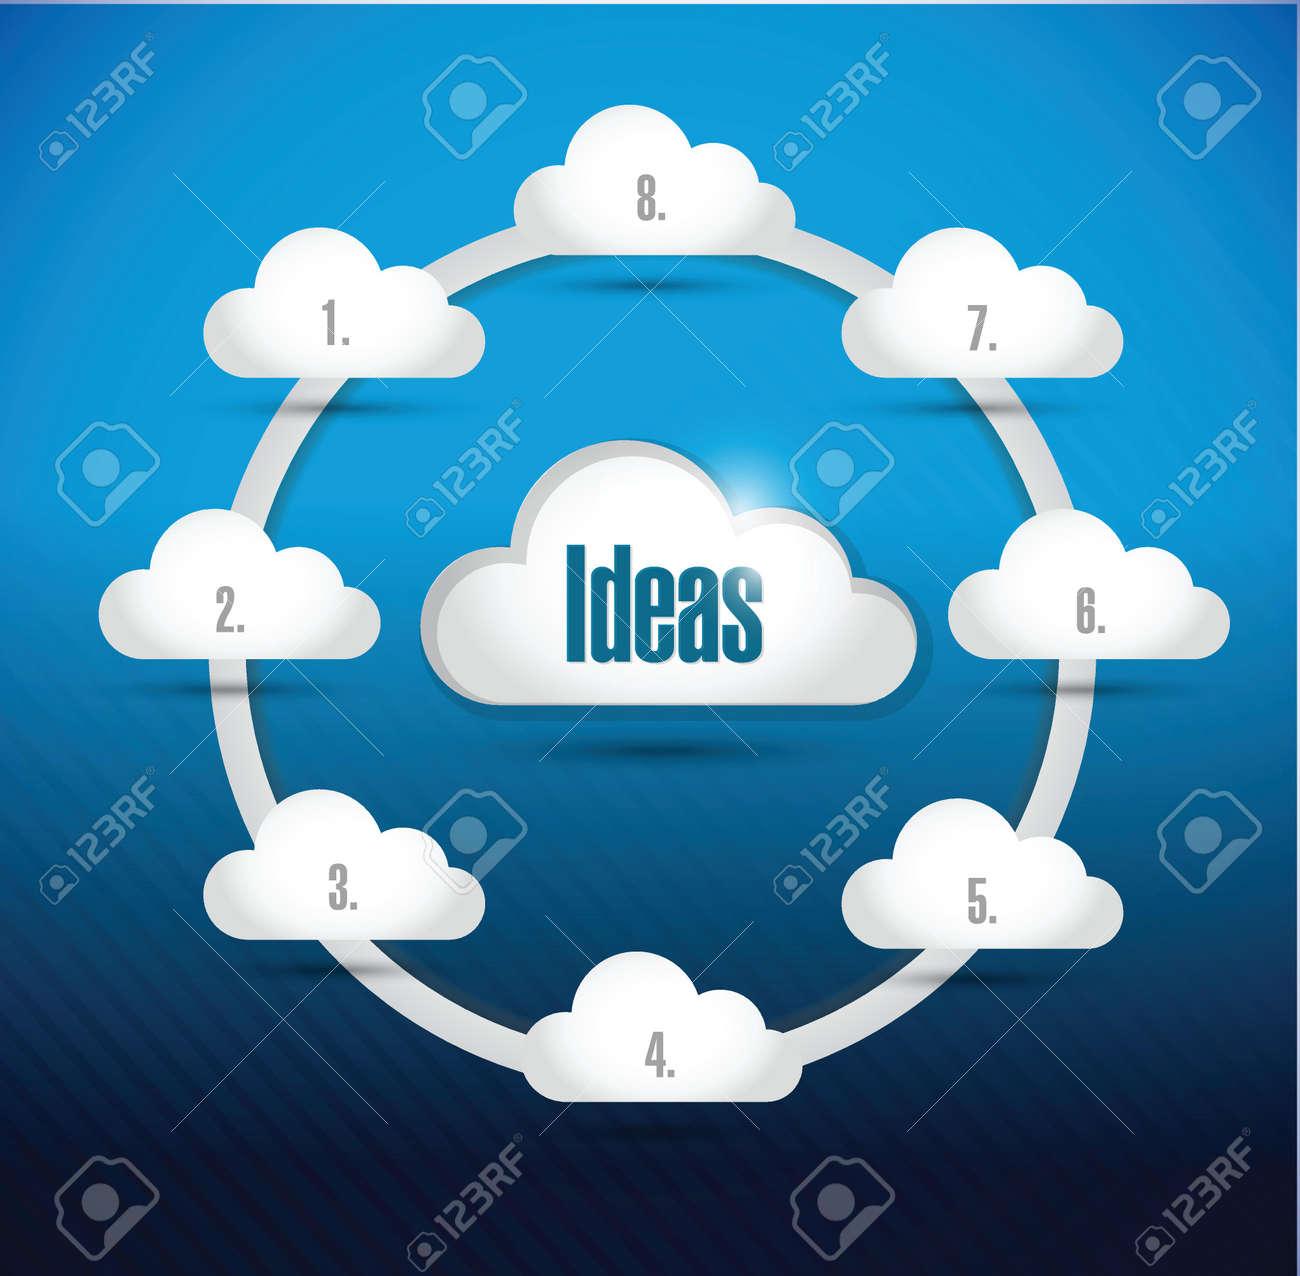 青色の背景に雲のアイデア図イラスト デザイン ロイヤリティフリー